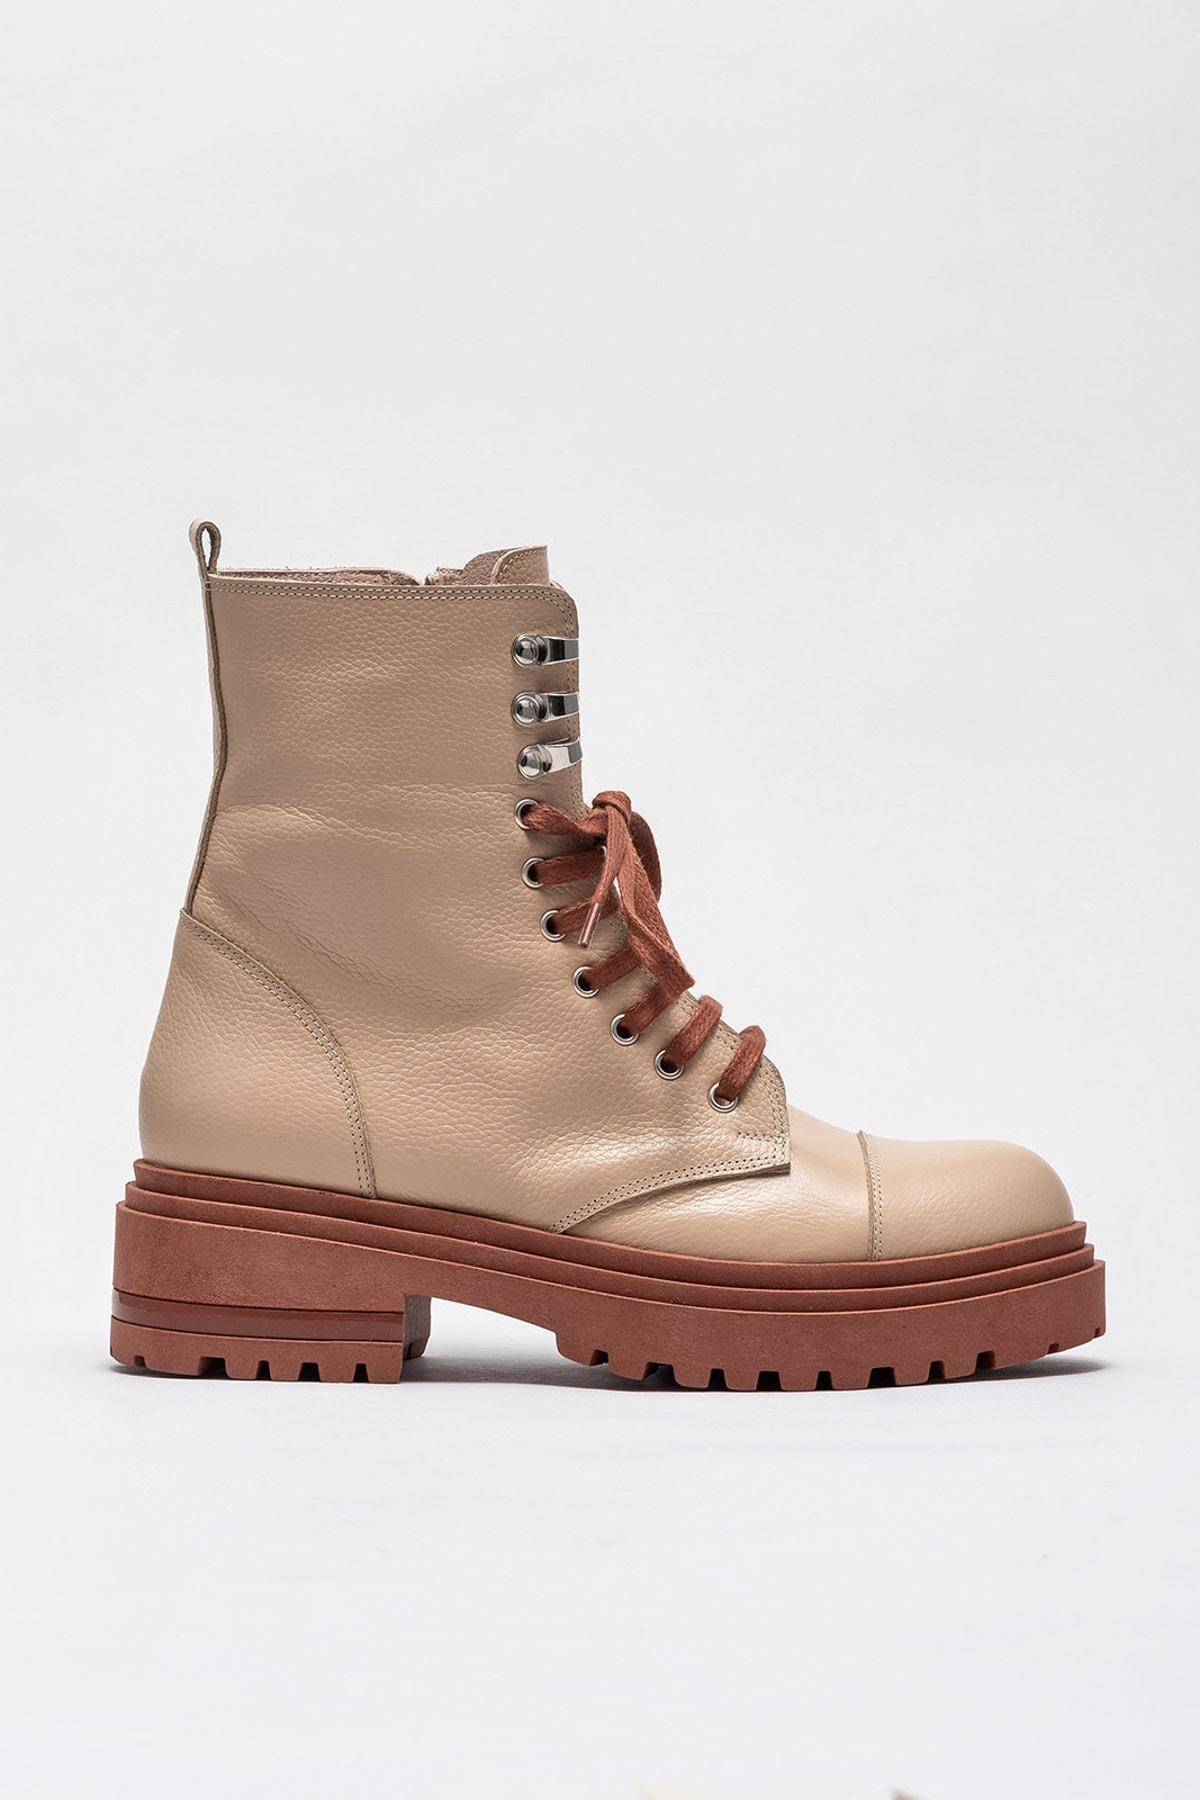 Elle Shoes Kadın Bot & Bootie Damara 20KBS88232 1